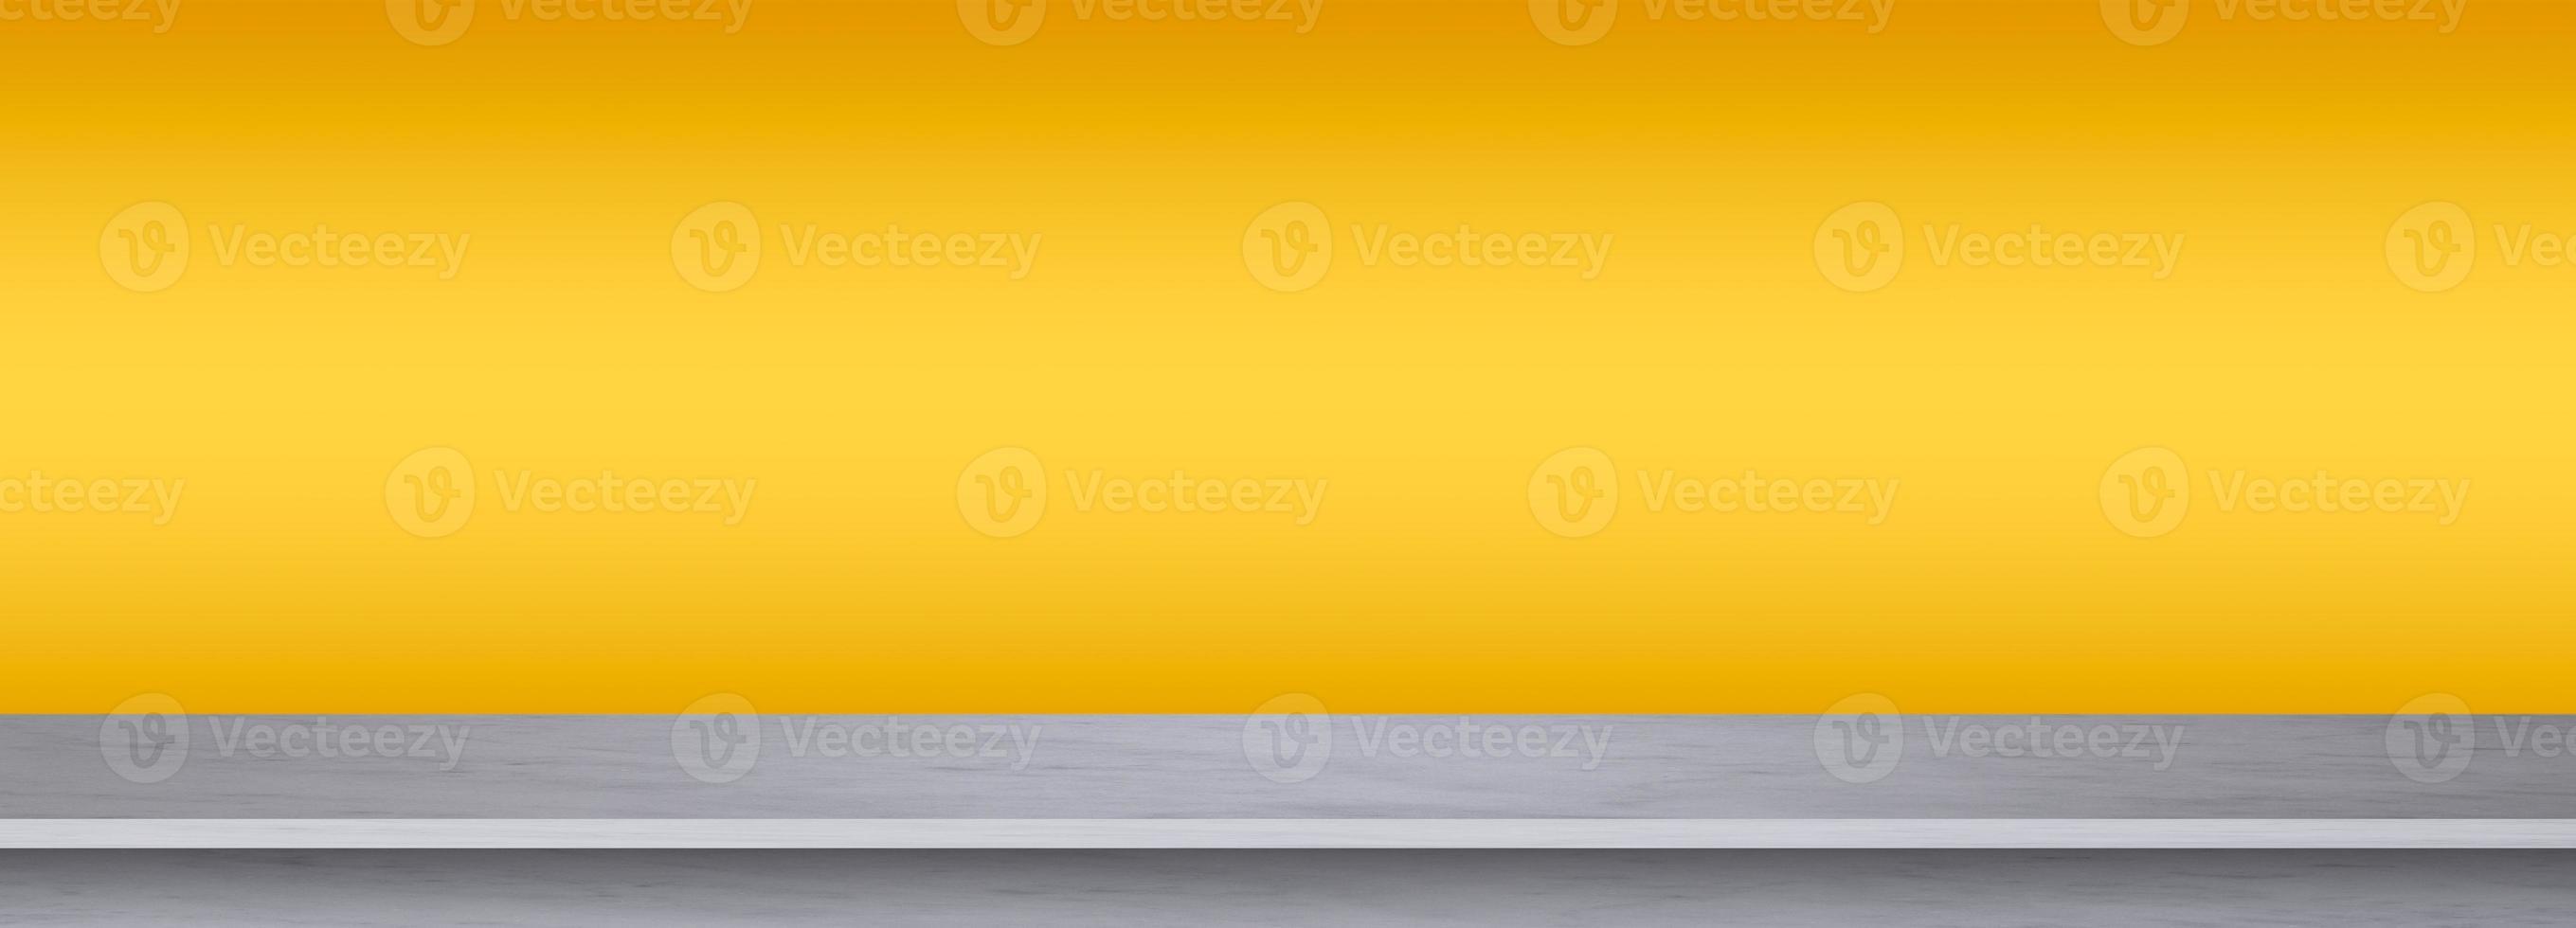 texture de marbre blanc sur fond jaune photo